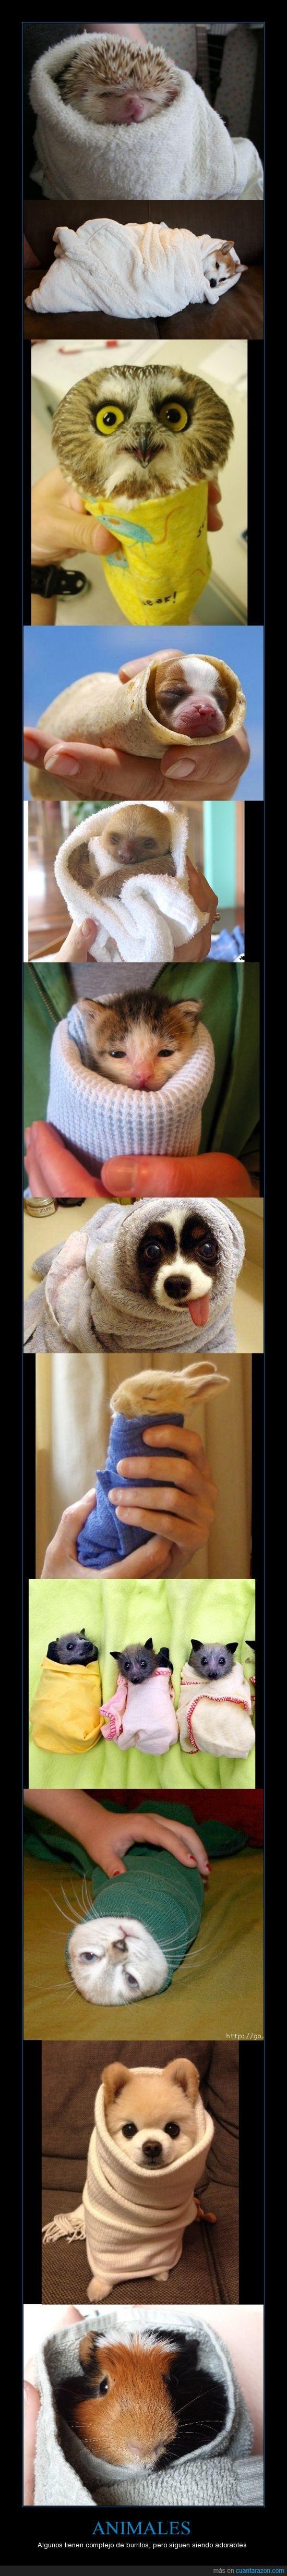 adorables,animales,burritos,enrollado,Soy un pastelito horneado de canela,toalla,trapo,wrapnimals